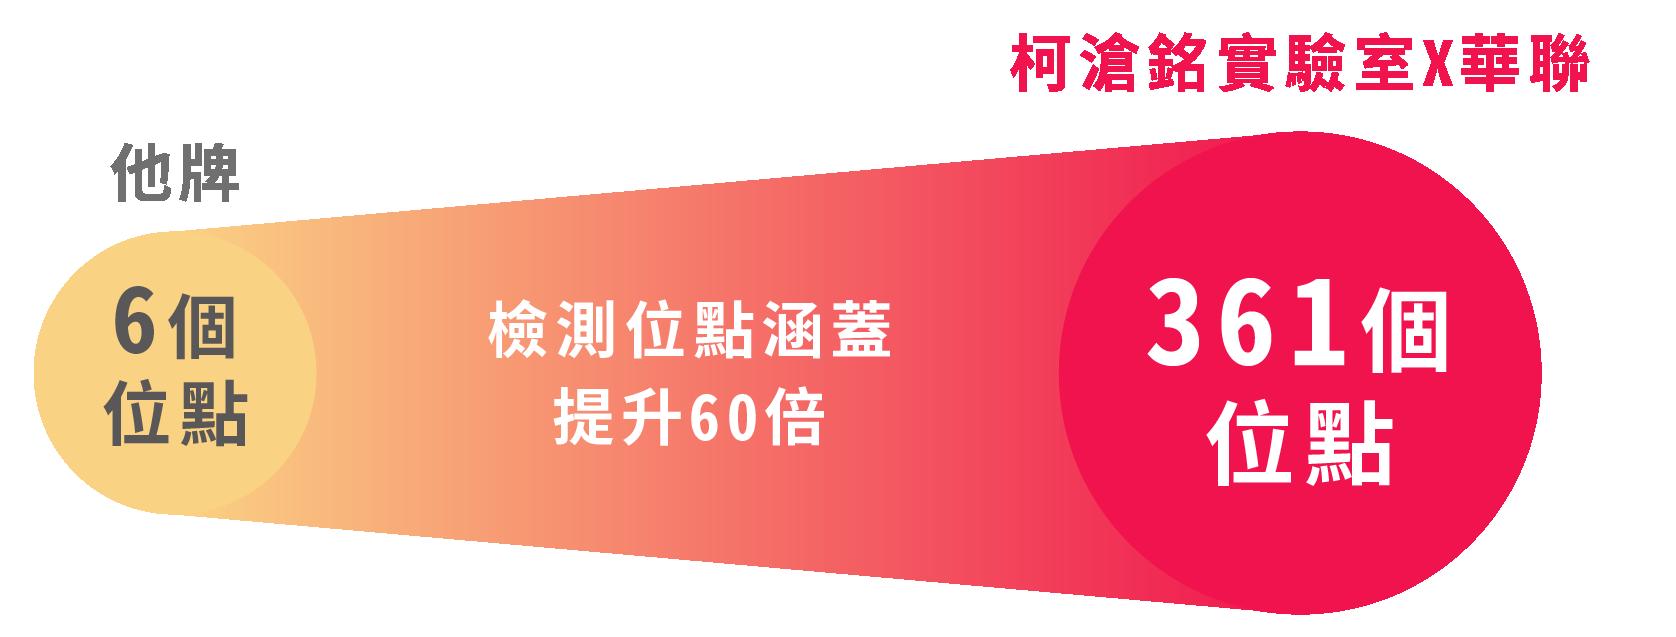 官網圖表修改-04